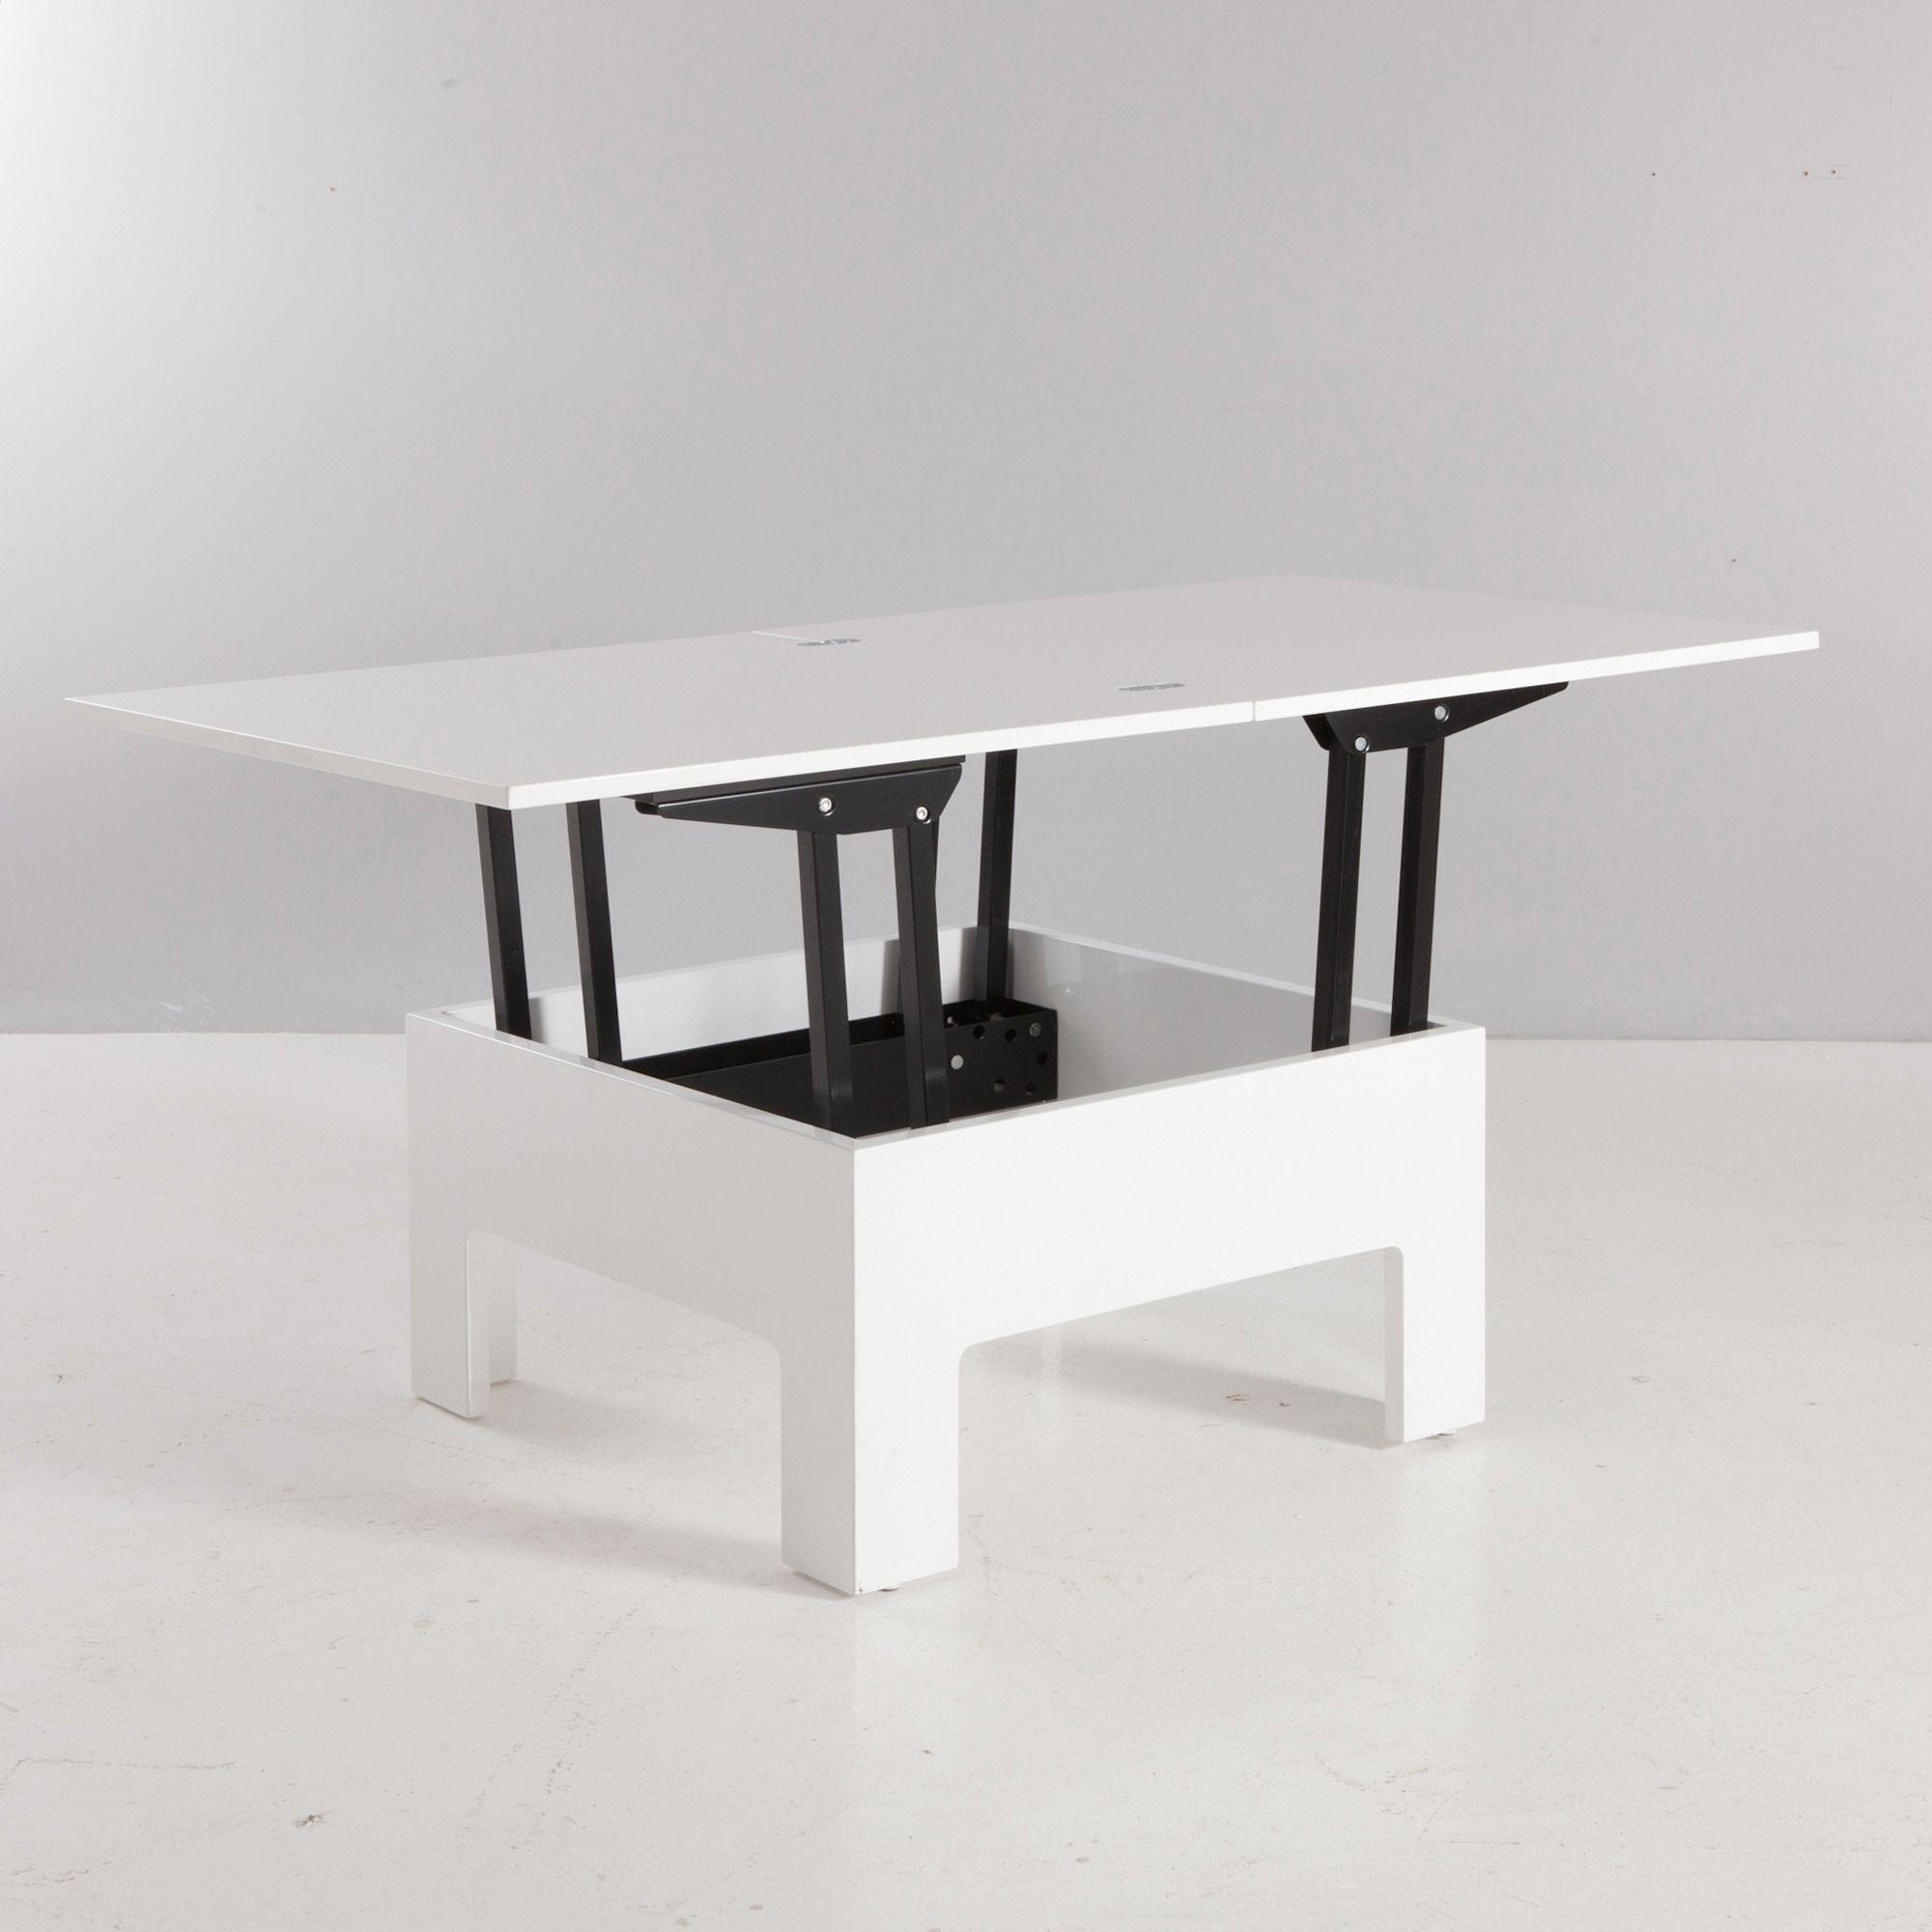 9e42c2fb77cedbd627a3dadb04c3095a Meilleur De De Table Basse Relevable Extensible Des Idées